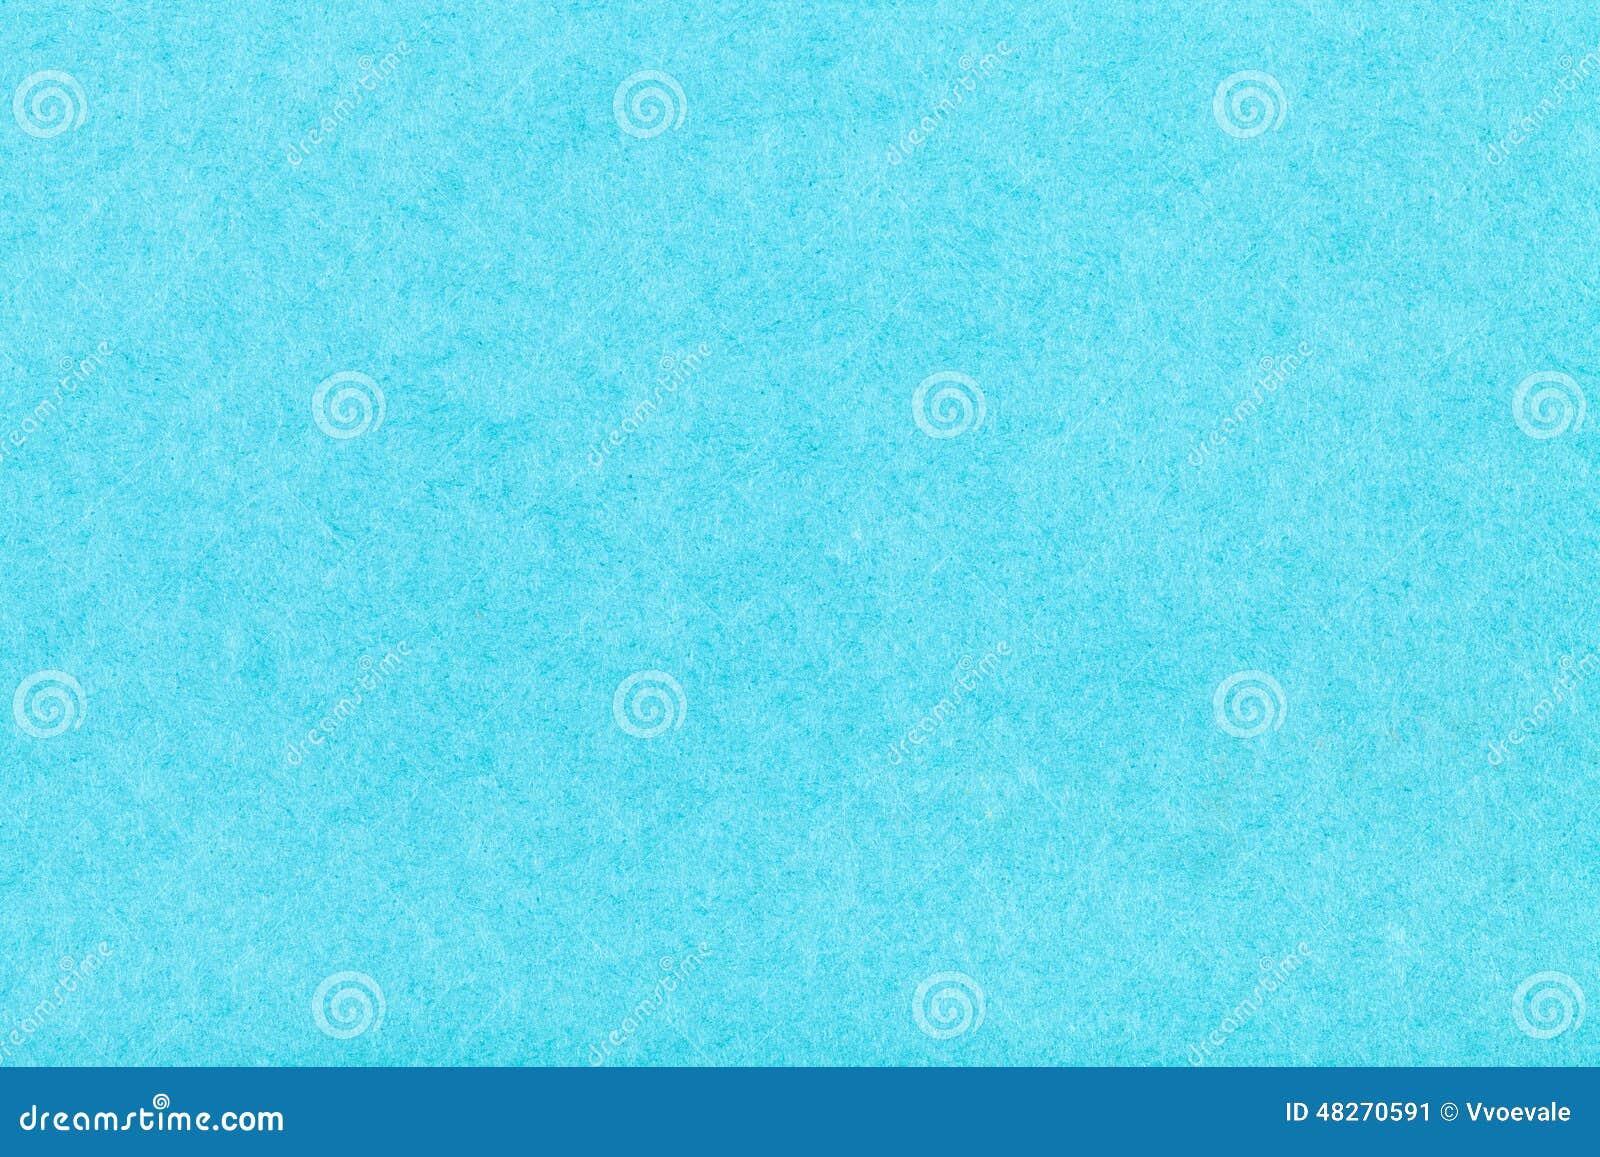 Предпосылка от зеленой бумаги покрашенной синью пастельной